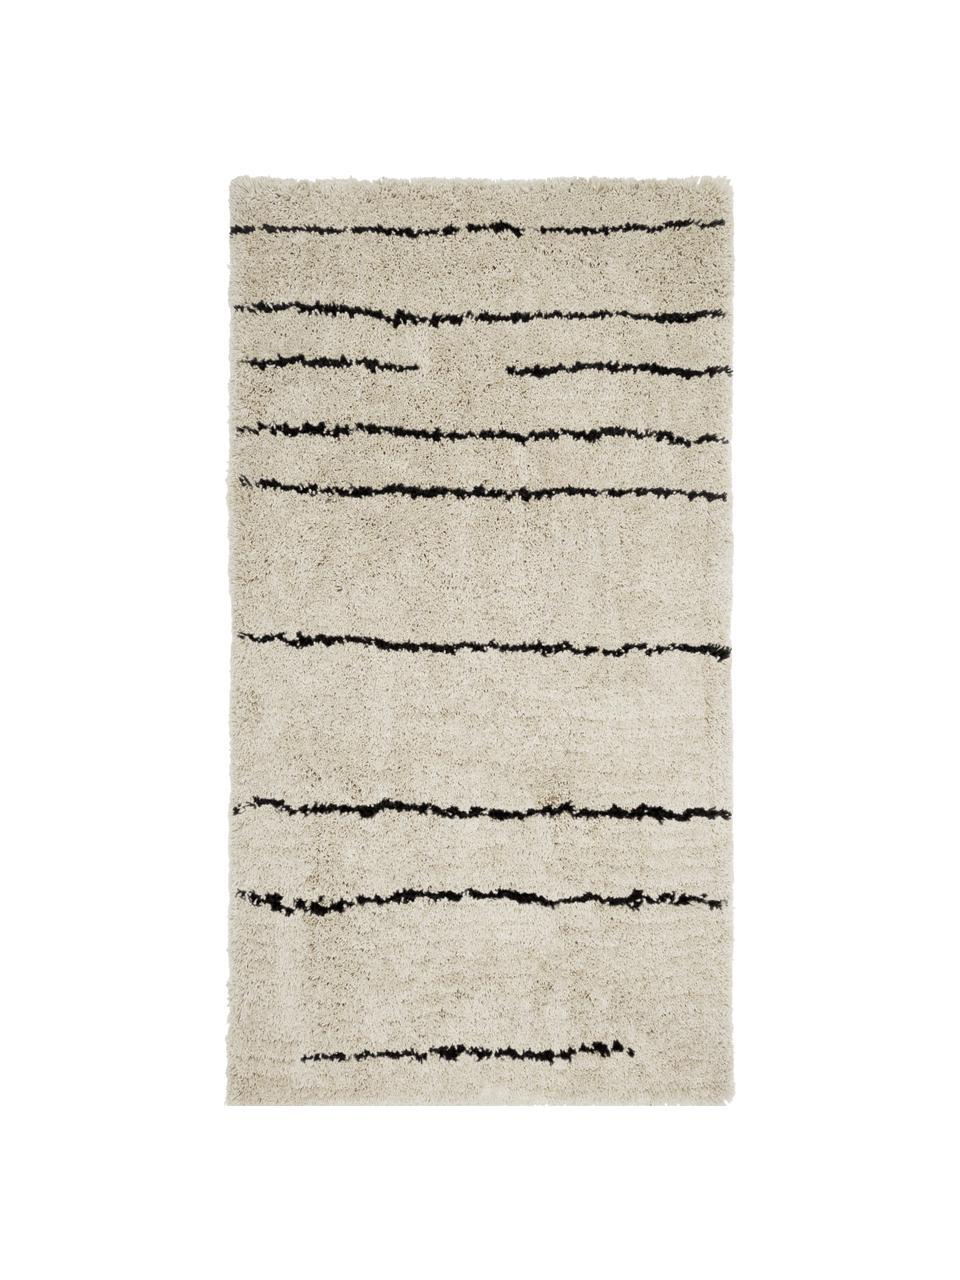 Tappeto morbido a pelo lungo taftato a mano Dunya, Retro: 100% cotone, Beige, nero, Larg. 200 x Lung. 300 cm (taglia L)